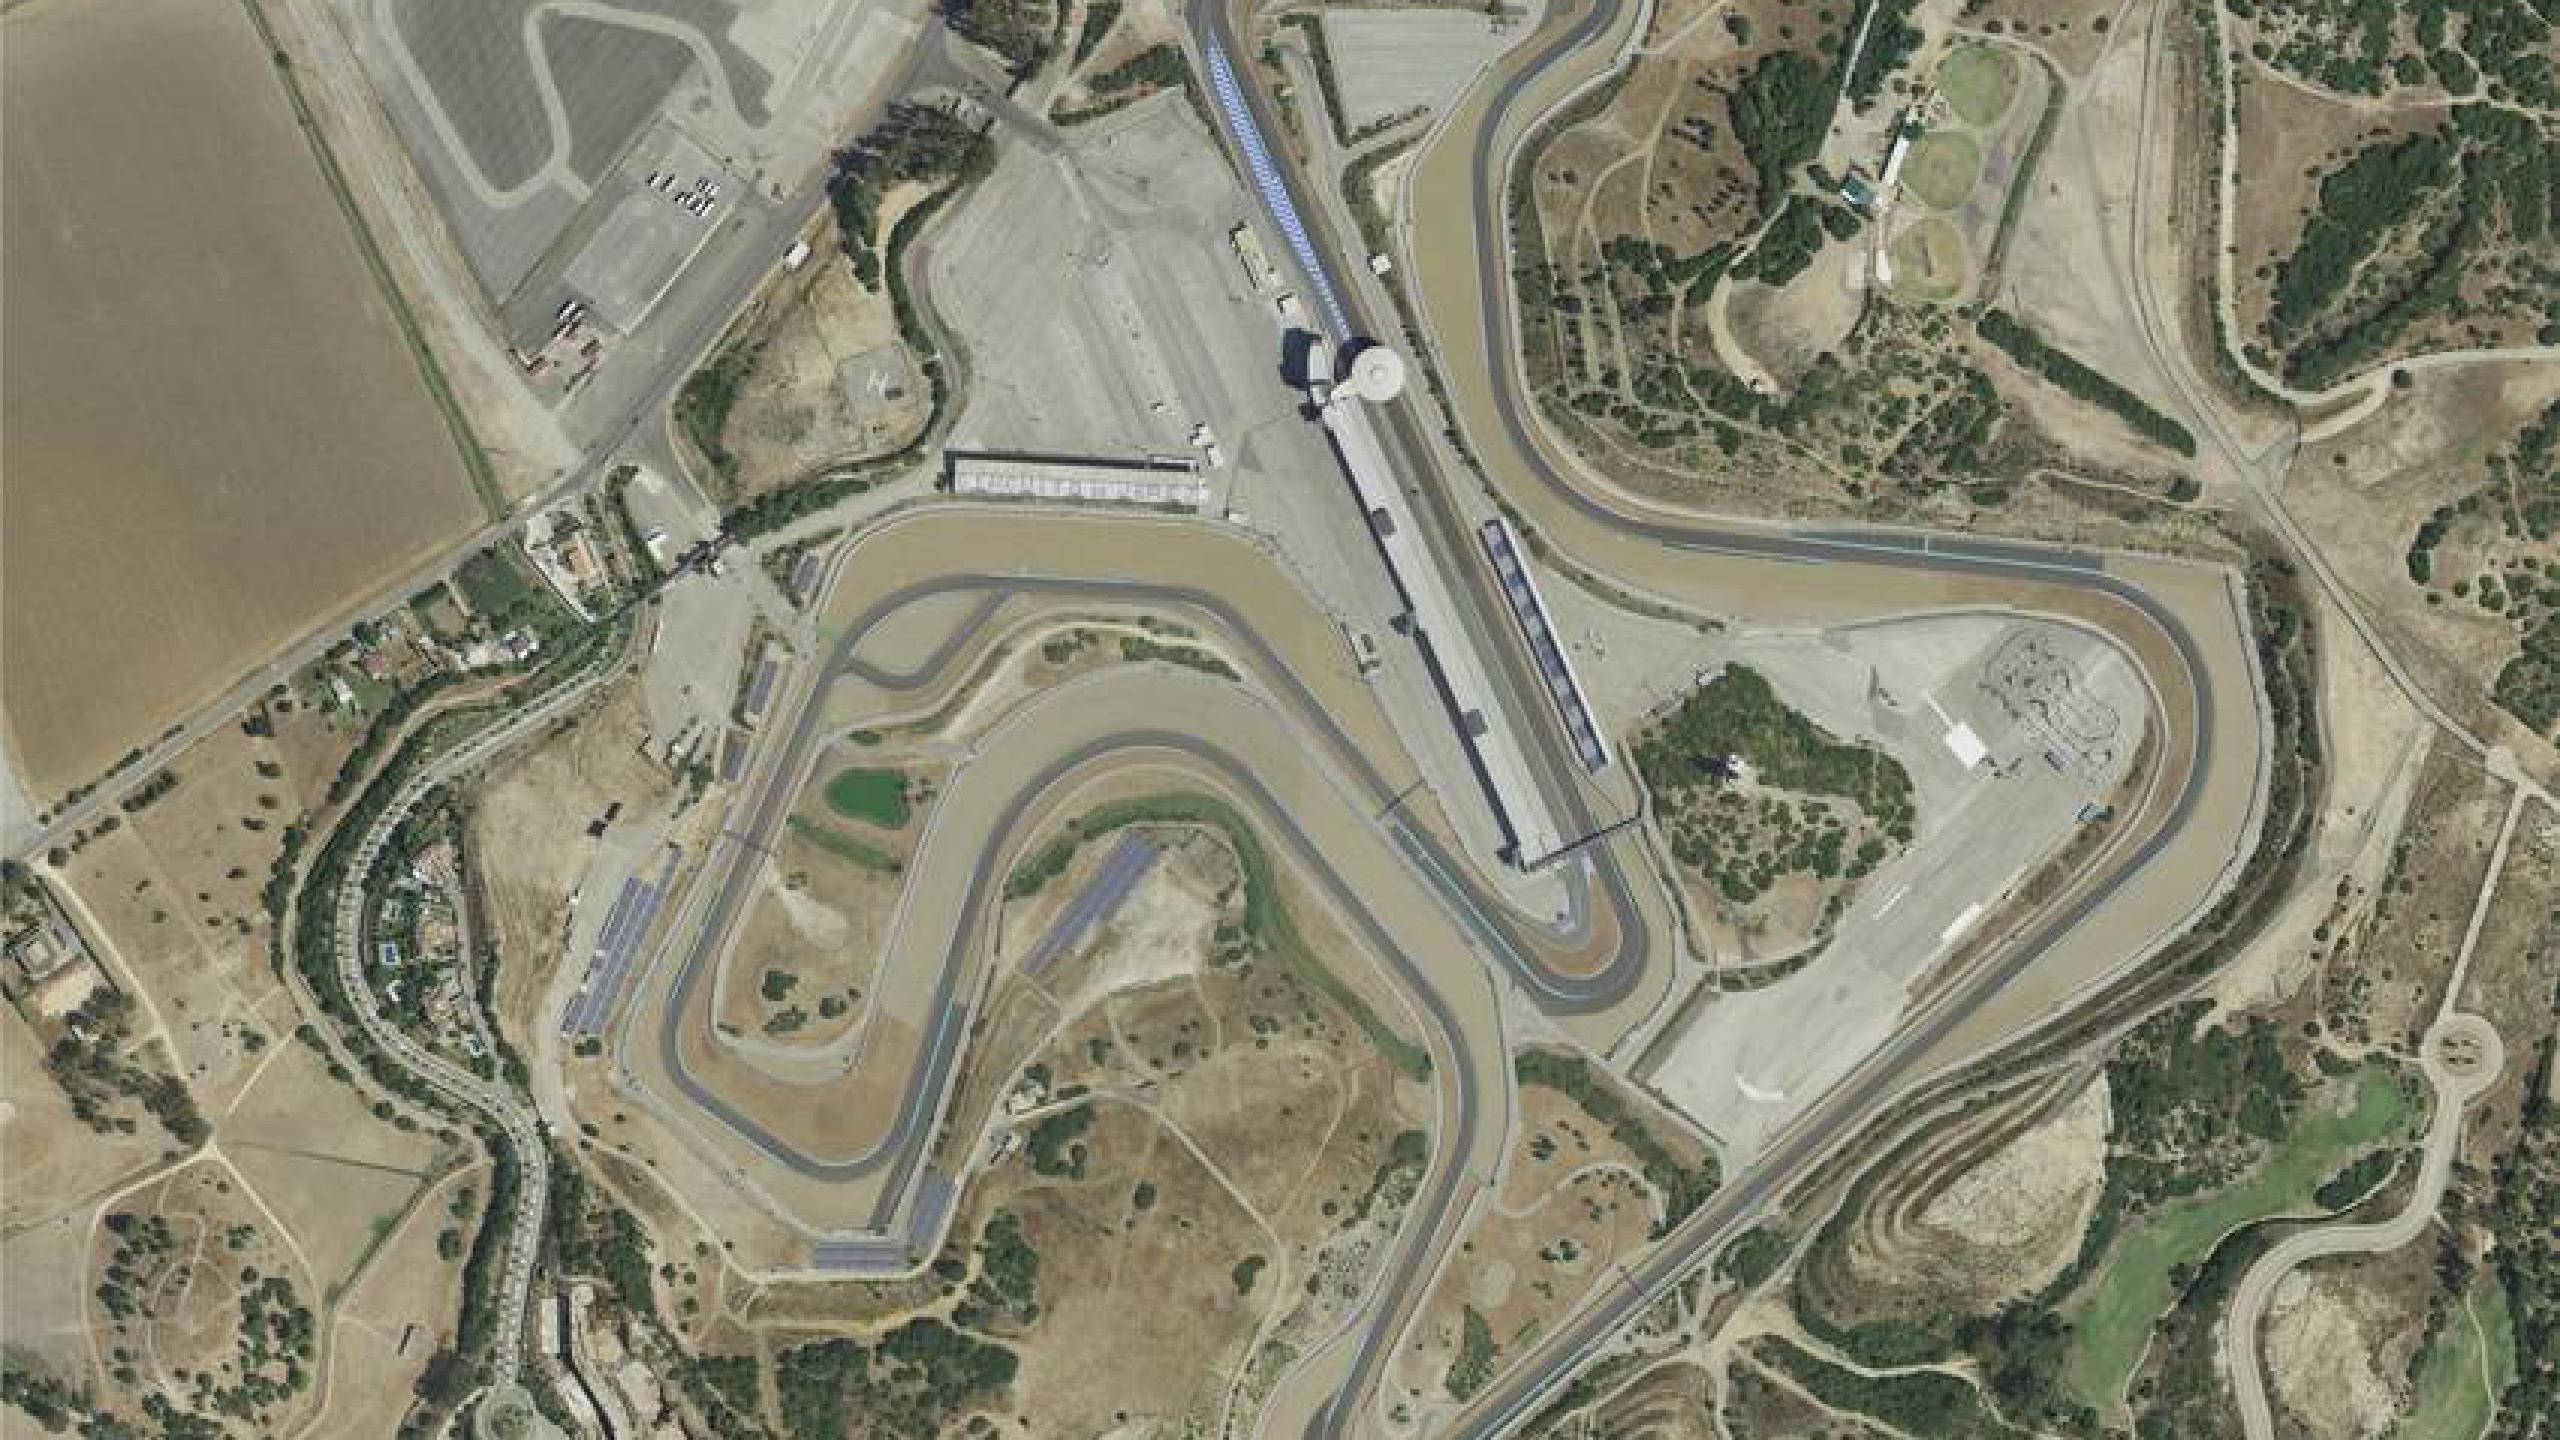 Circuito De Jerez : El circuito de jerez estrena pista exterior de karting y